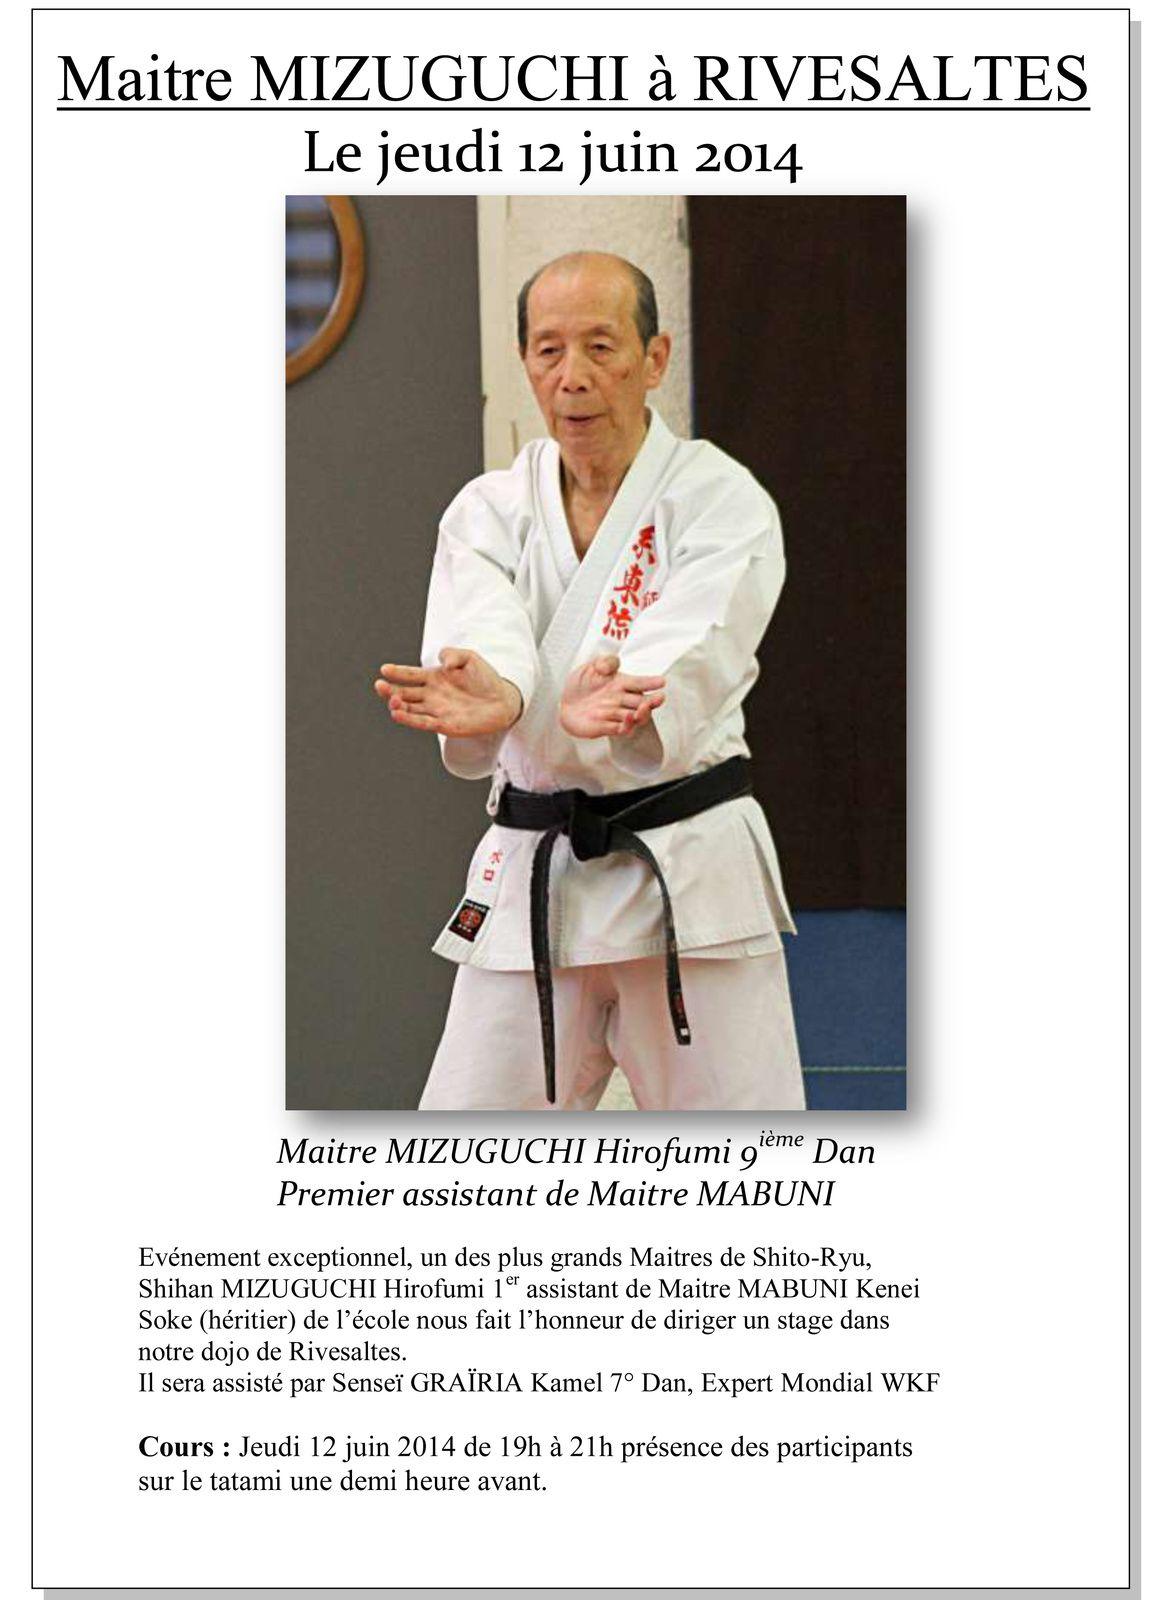 Maitre MIZUGUCHI Hirofumi 9° Dan à Rivesaltes